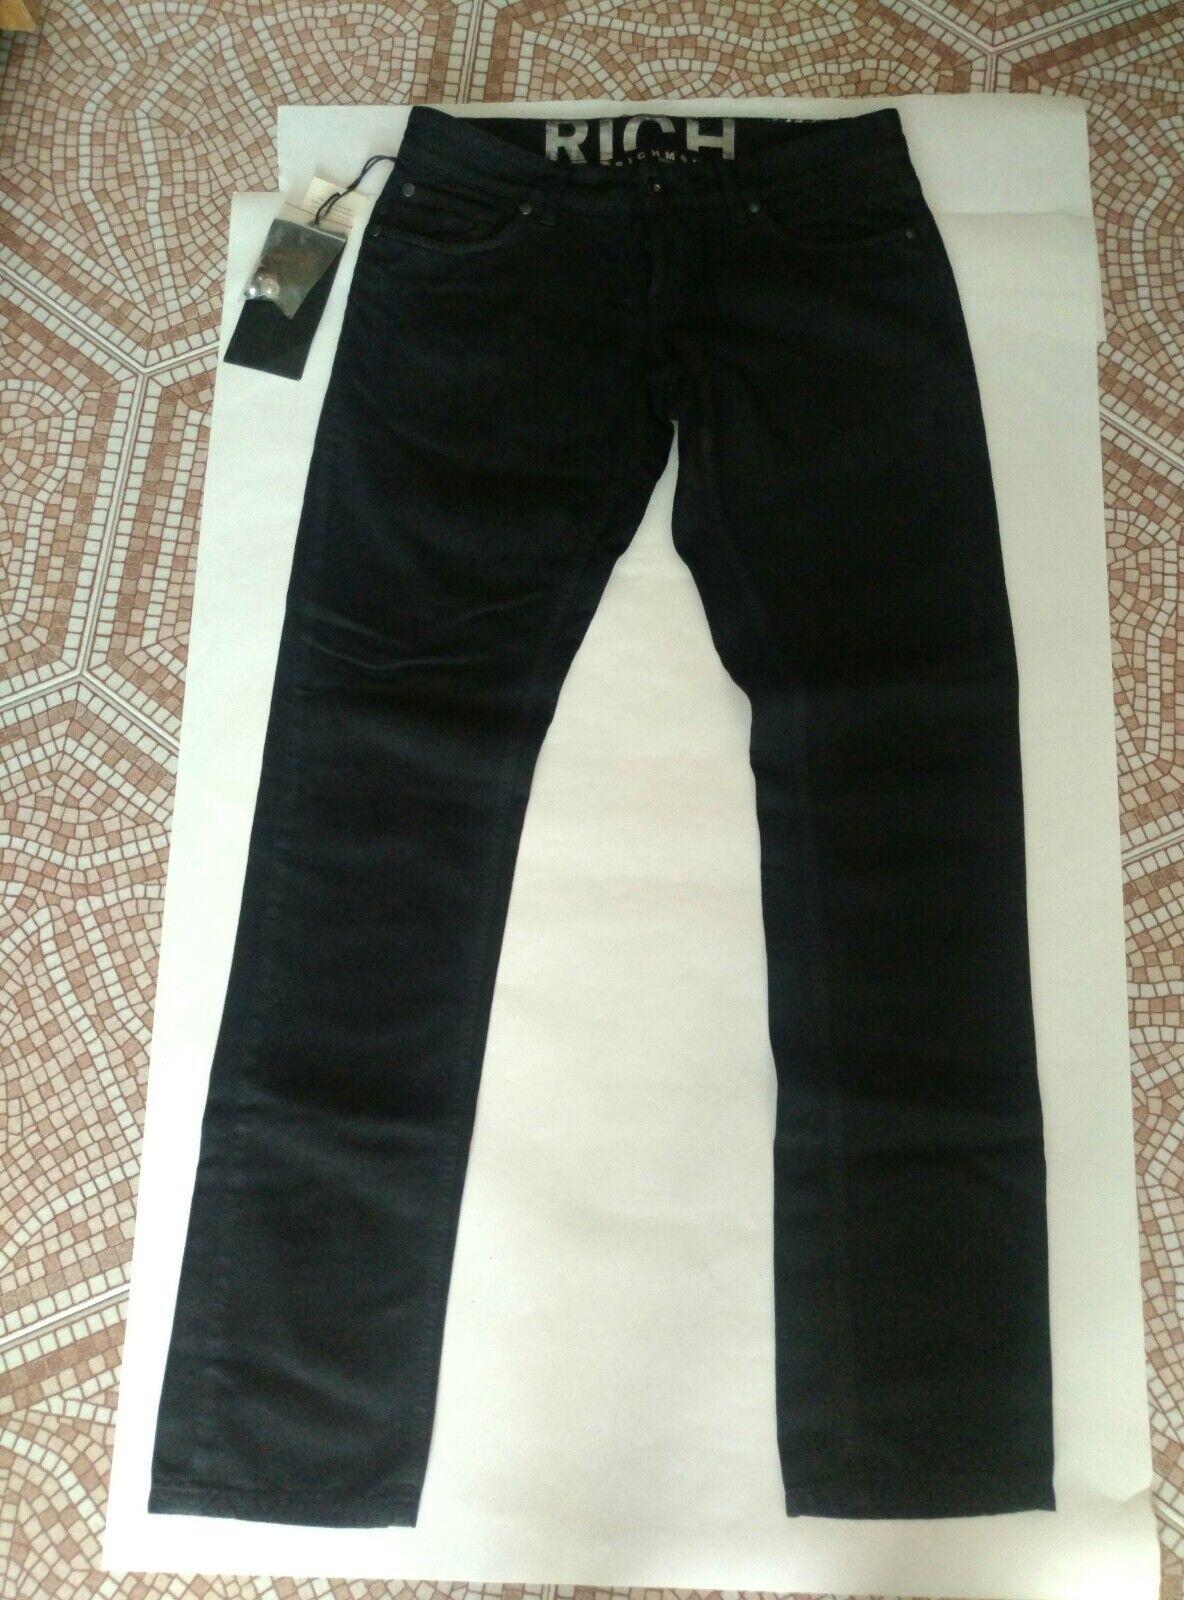 Richmond Pantalone 5 Tasche Jeans men in Cotone Col. black TG. 31 Nuovo